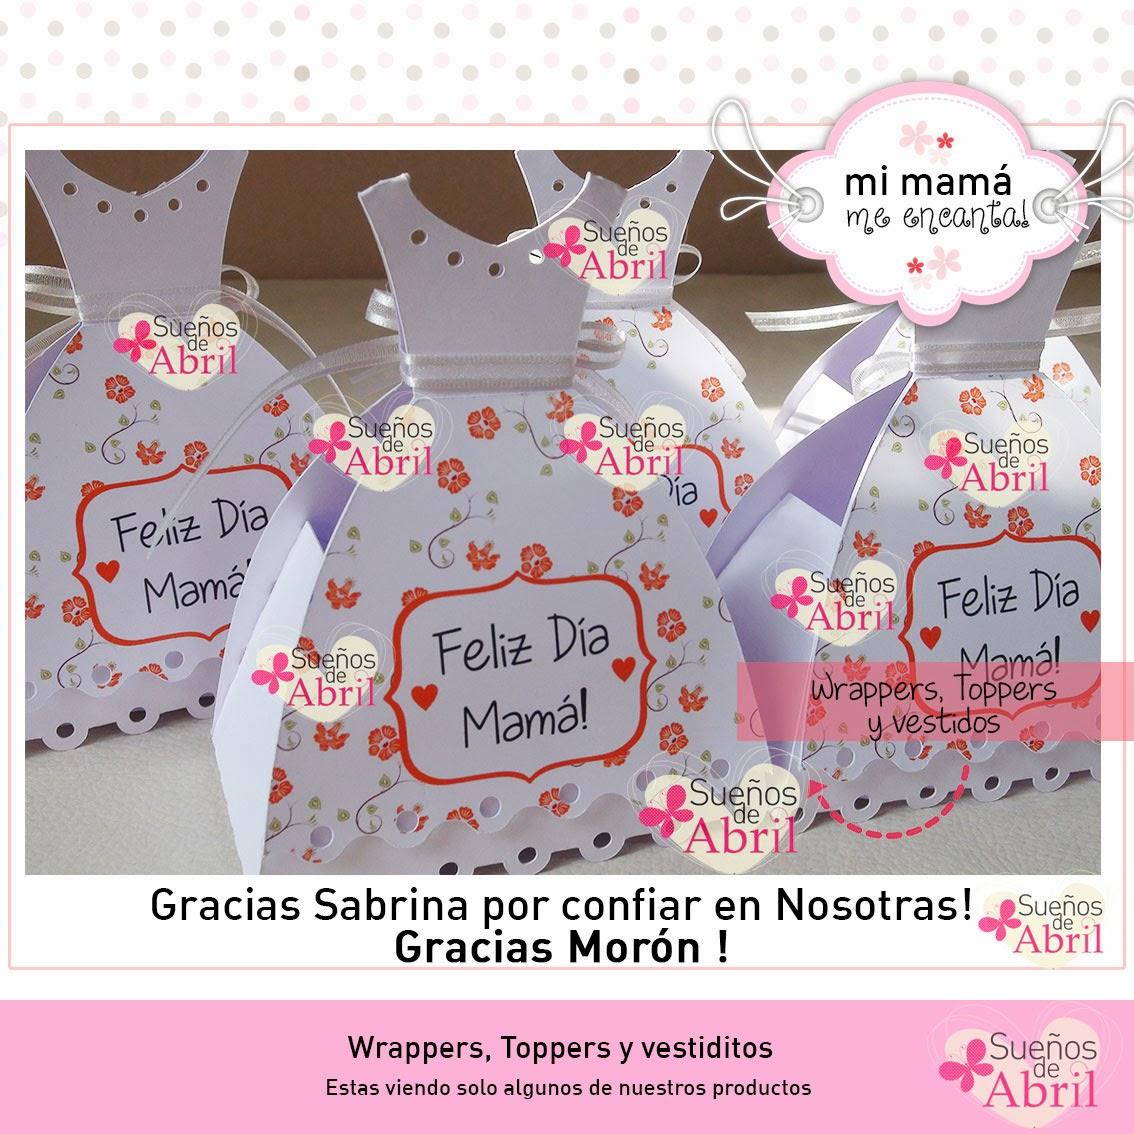 Publicado por Souvenirs Sueños de Abril de Karina Passicot